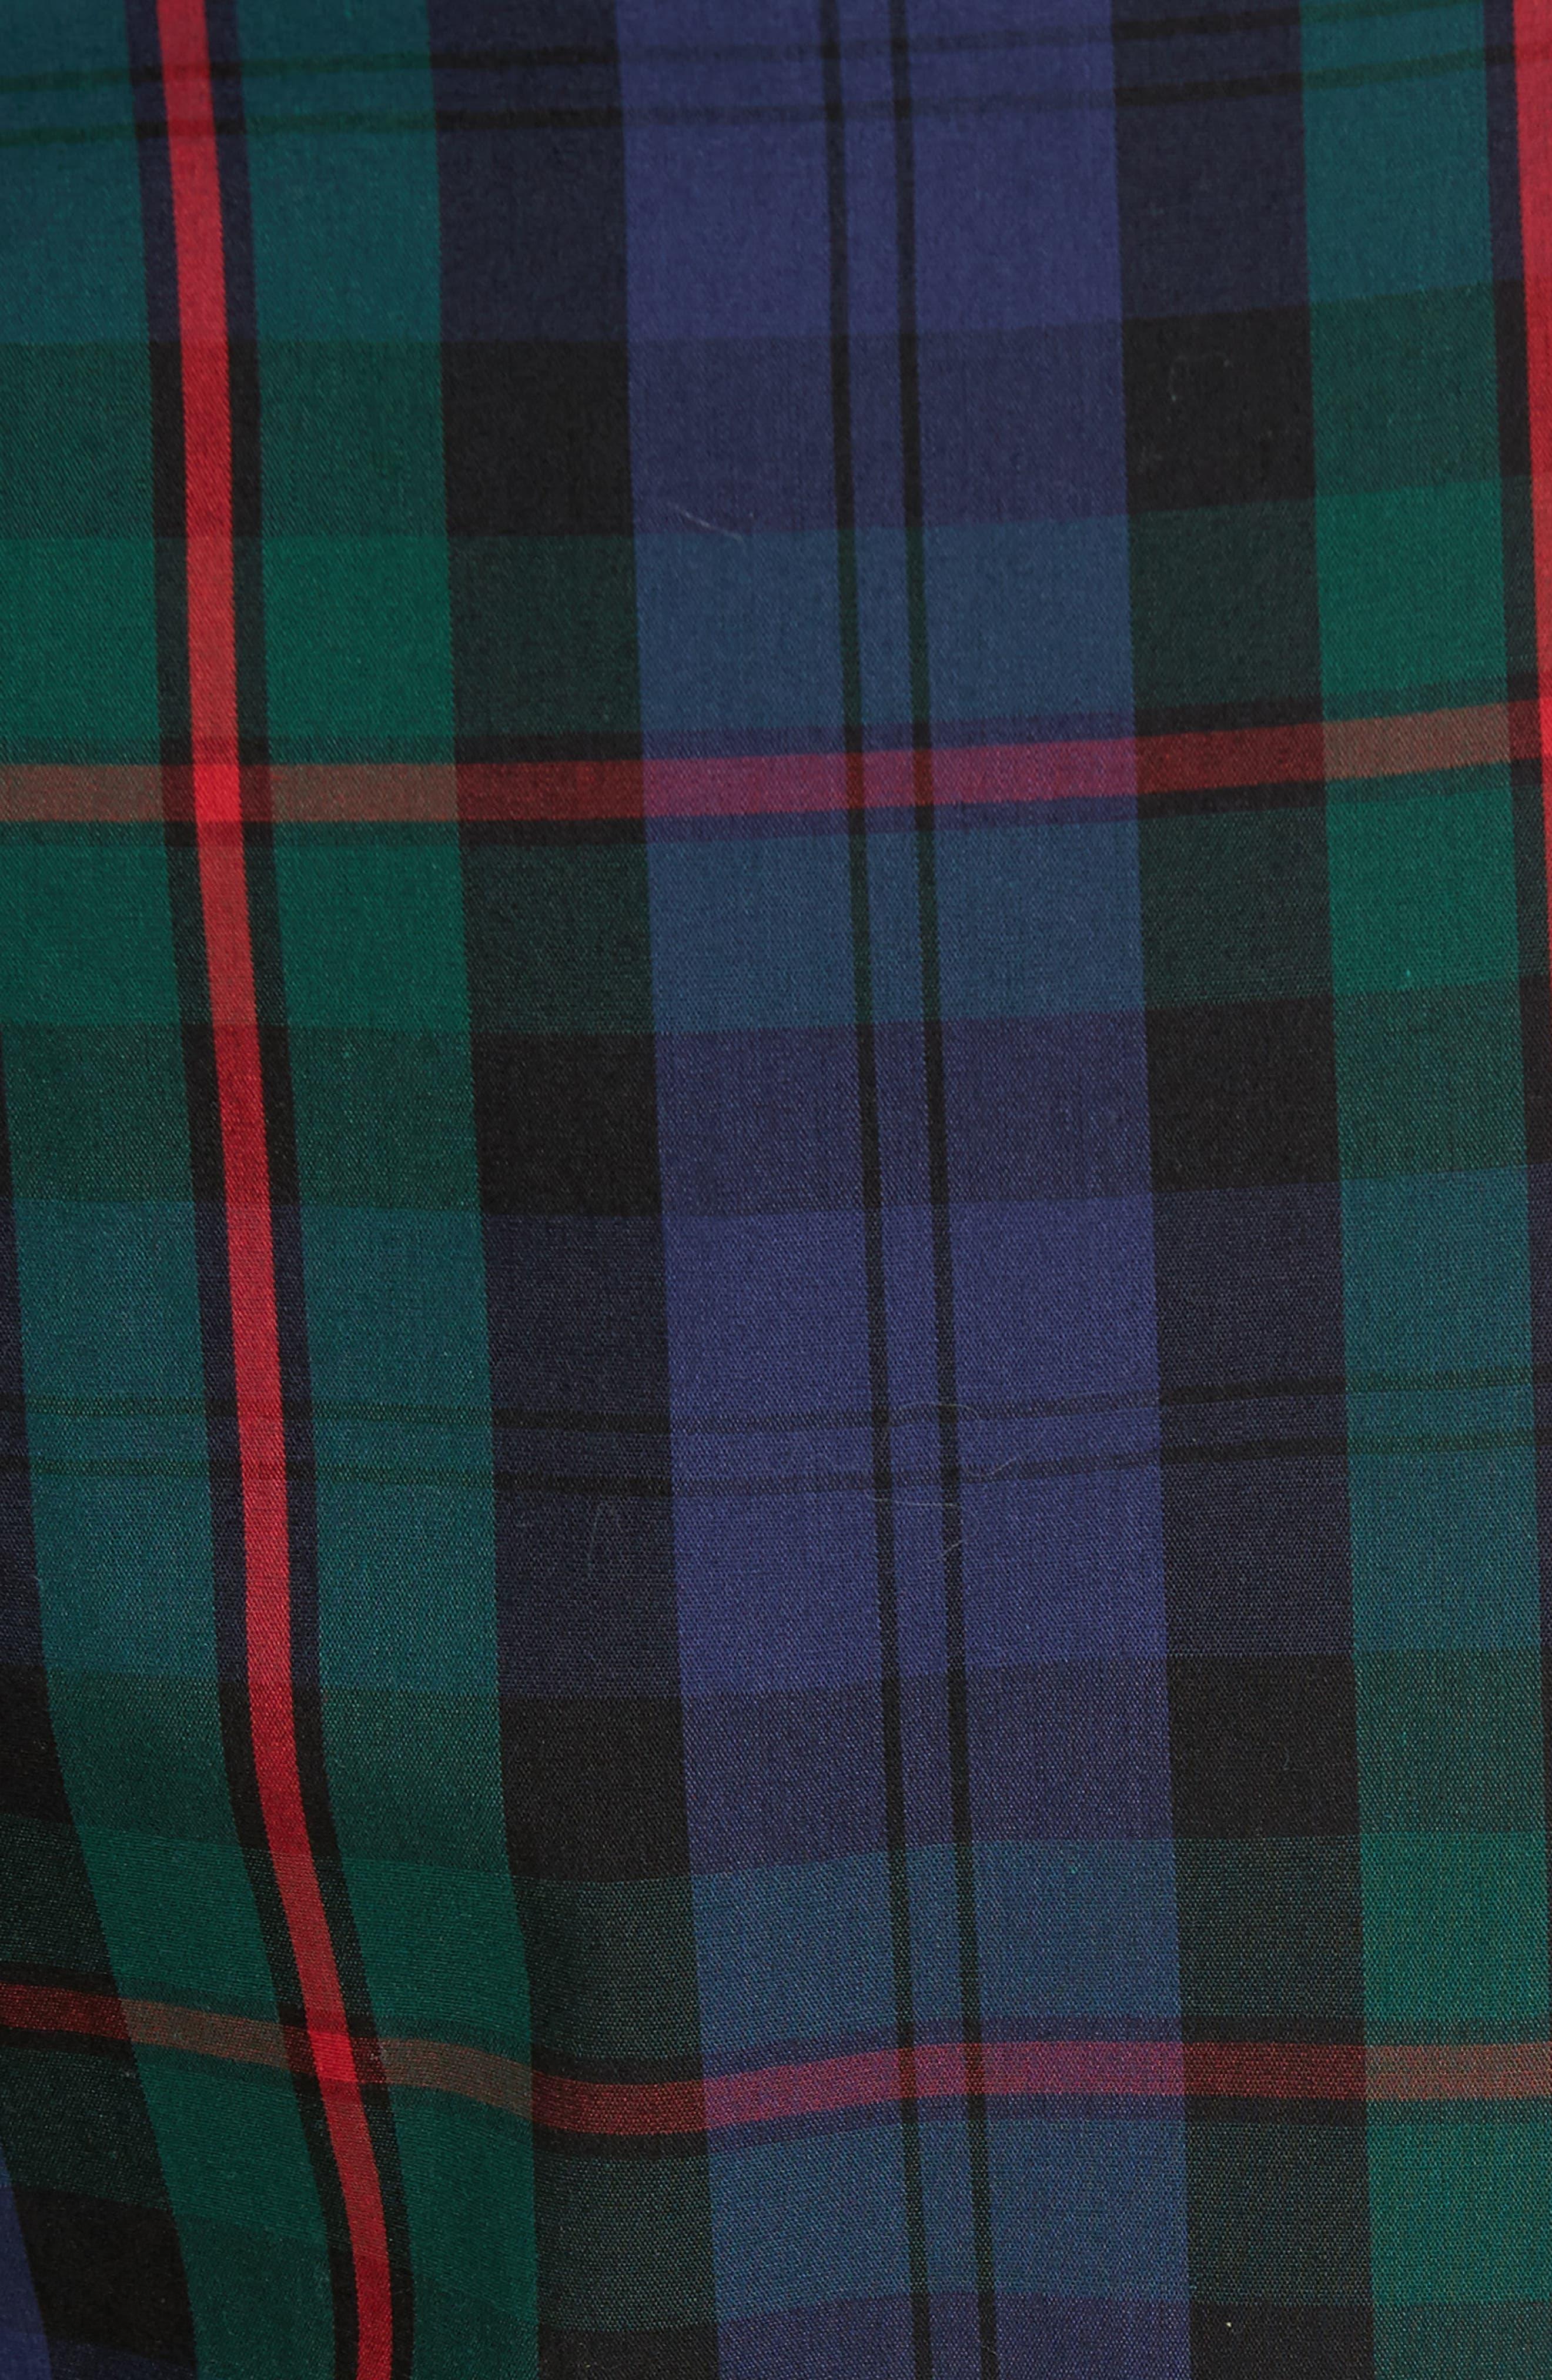 Plaid Cotton Lounge Pants,                             Alternate thumbnail 5, color,                             409